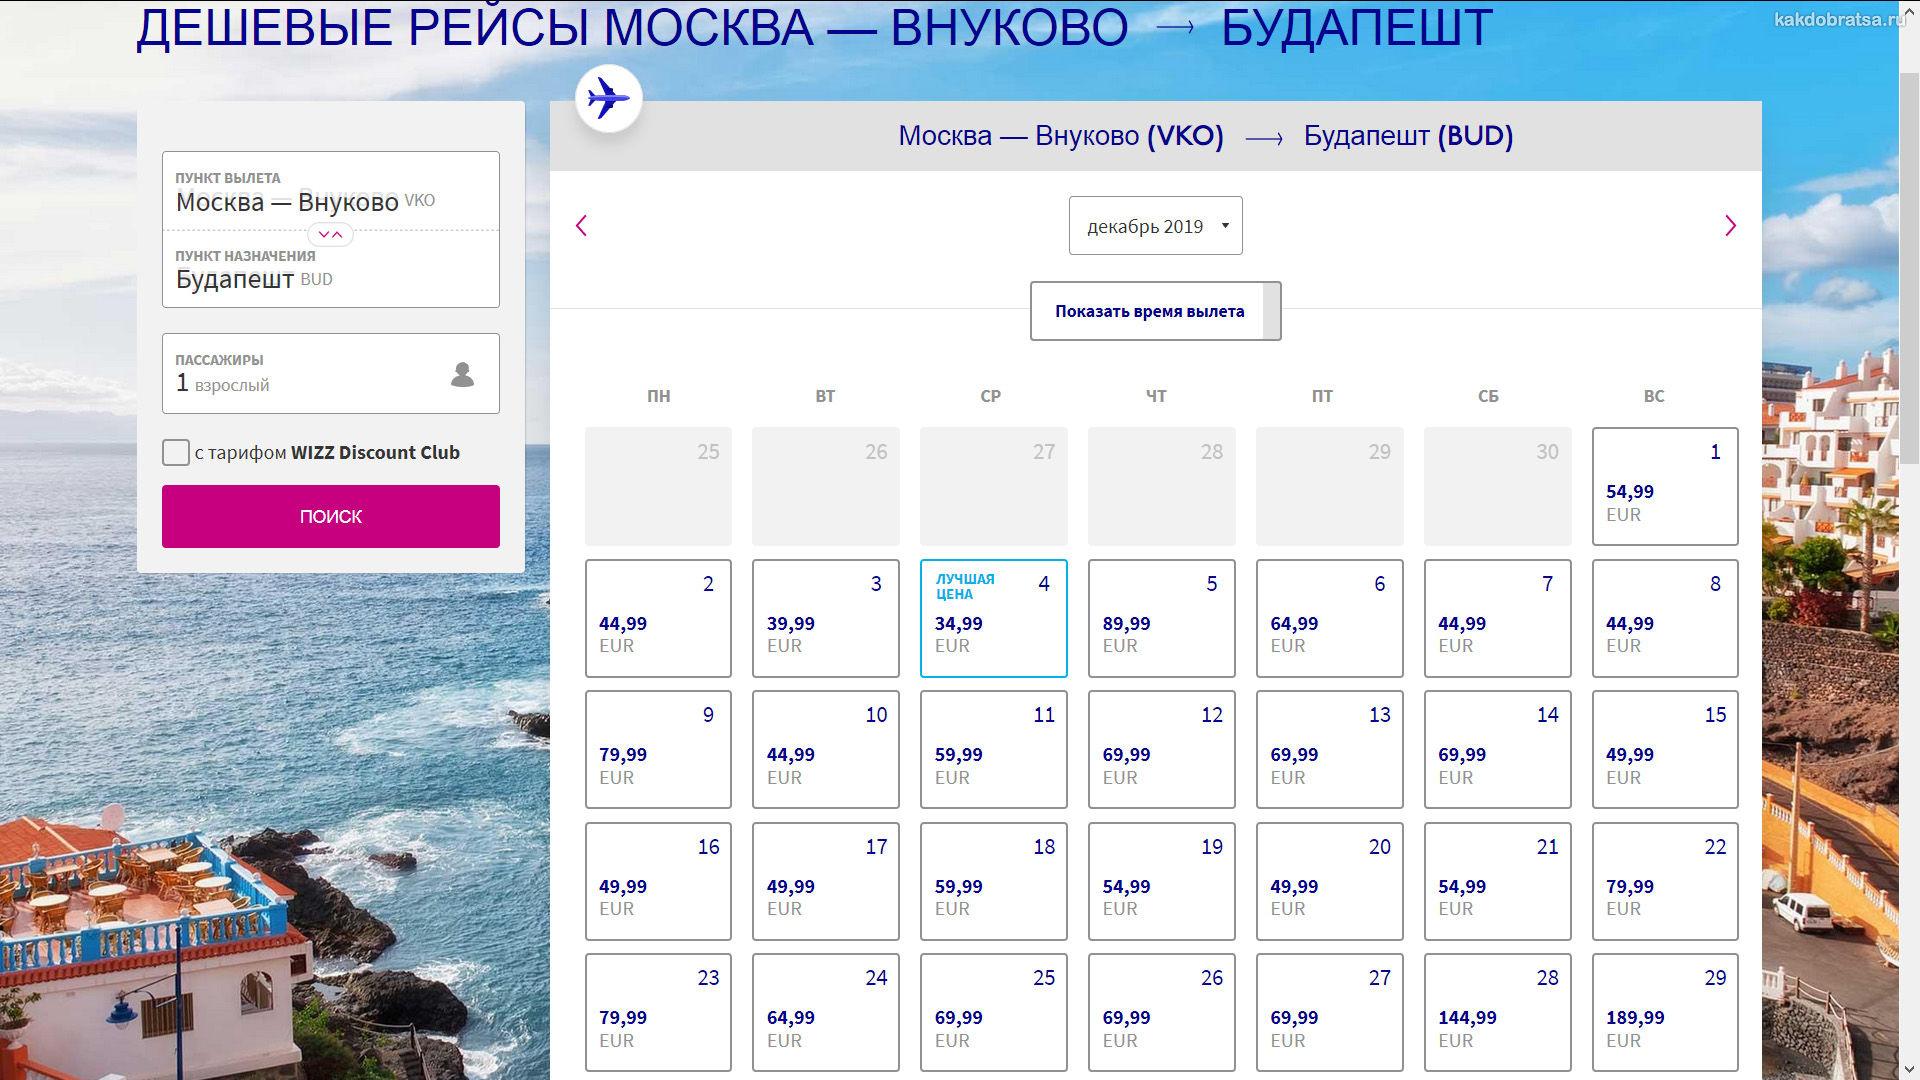 Поиск дешевых билетов из Москвы в Будапешт